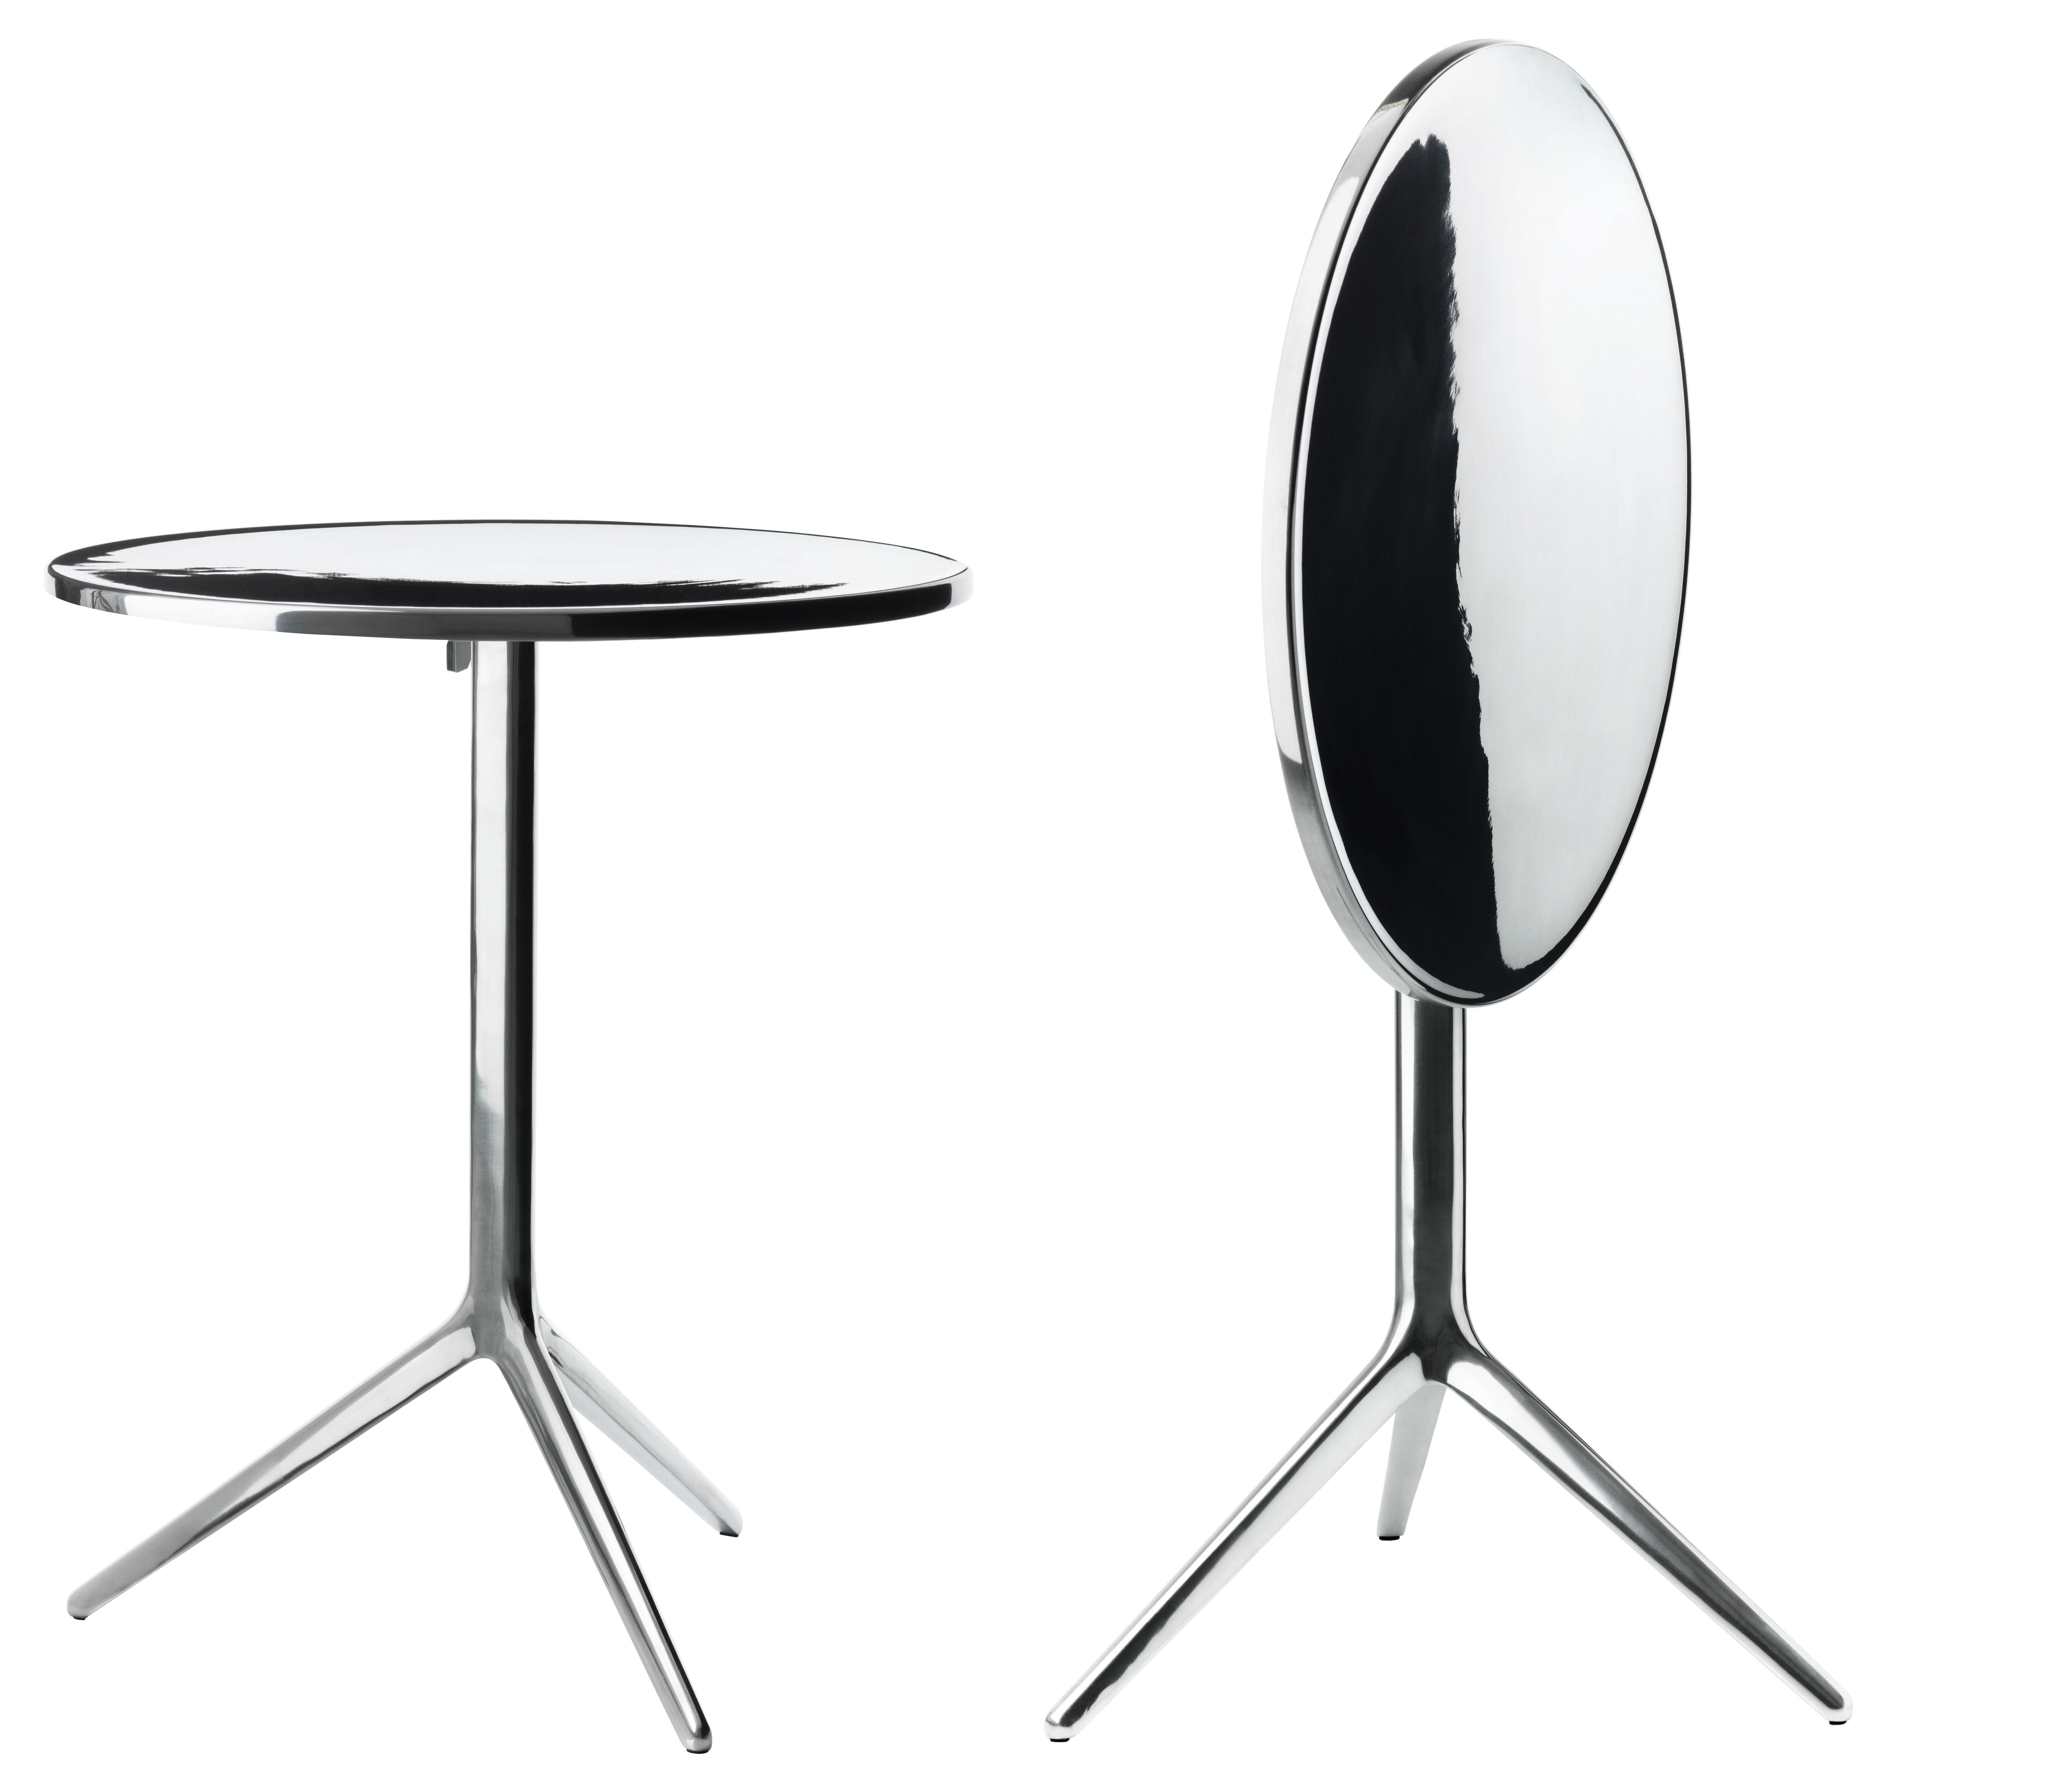 Dossiers - Design industriale - Tavolo pieghevole Central - A 72 cm x Ø 60 cm - Versione alluminio lucido di Magis - Alluminio lucido - Alluminio lucido